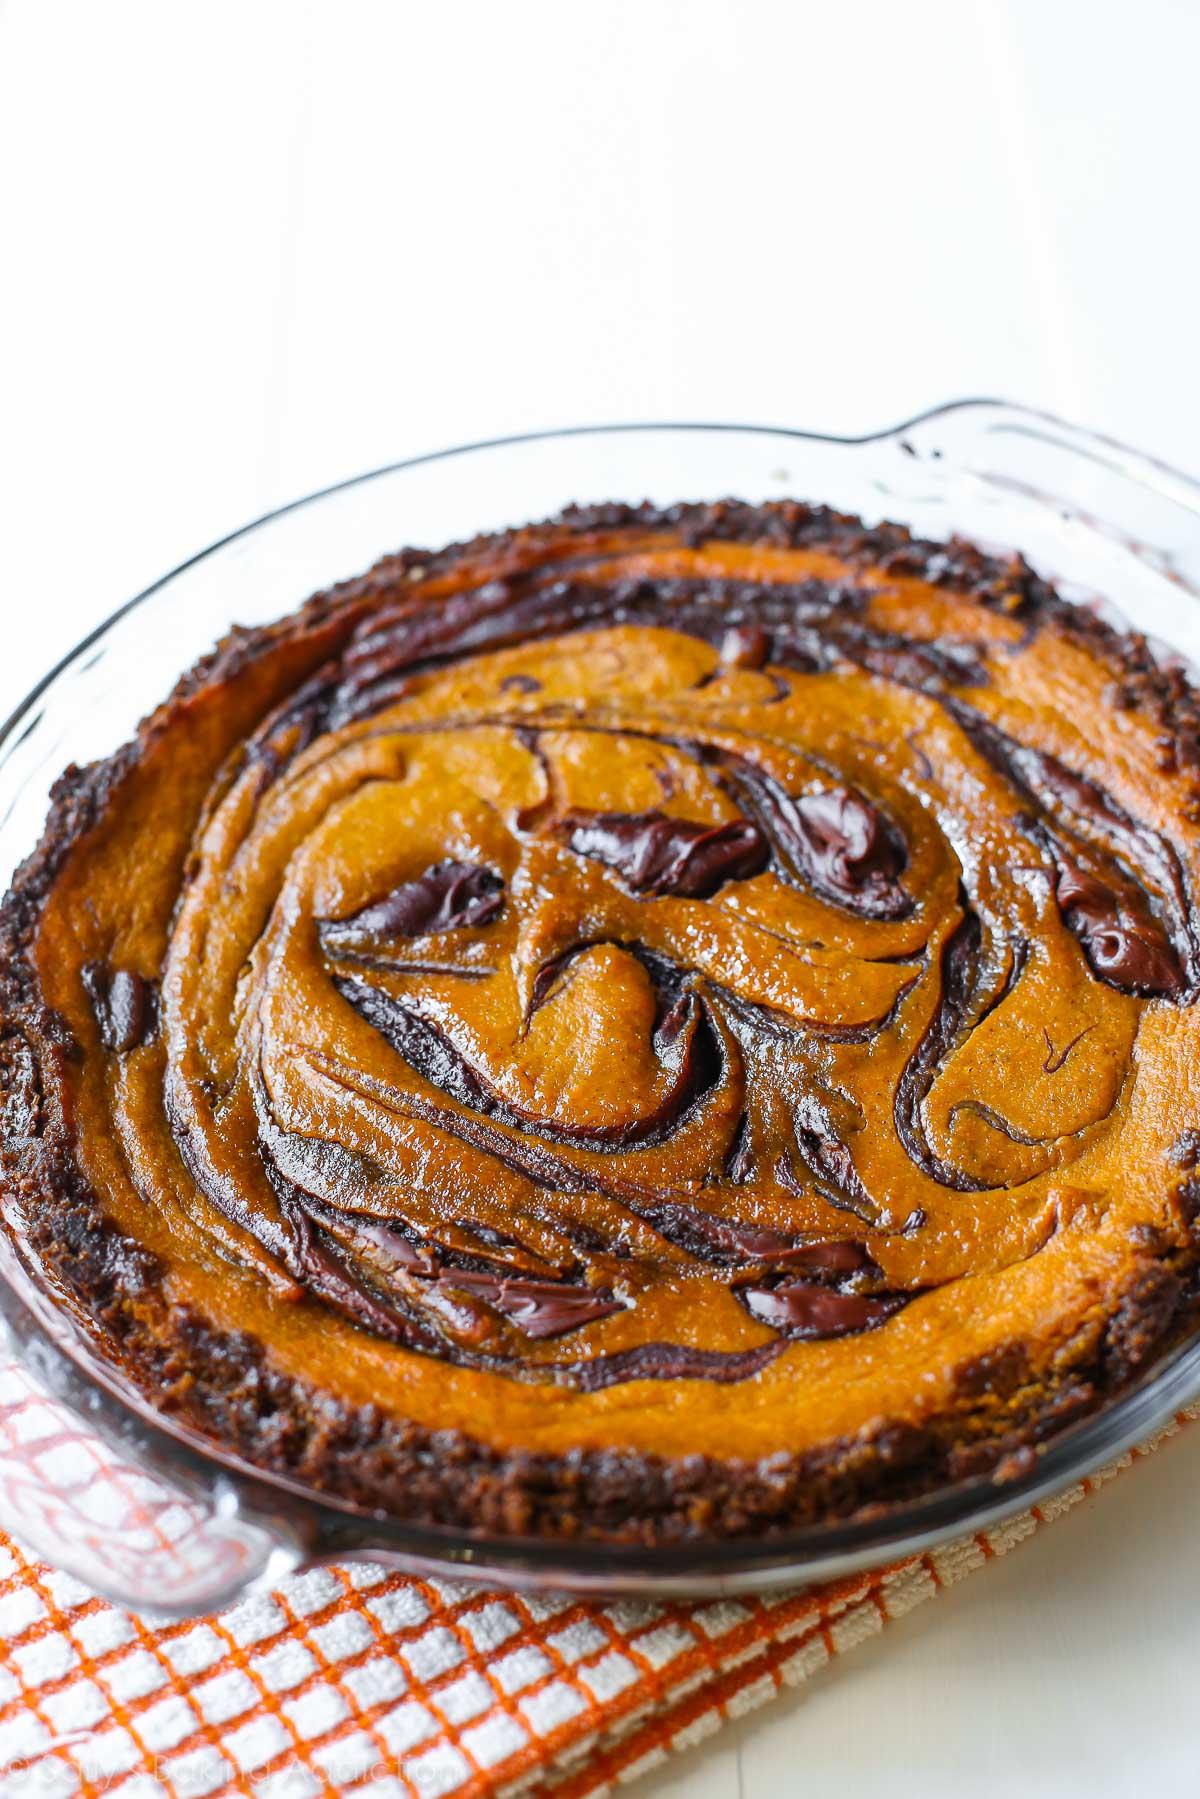 Une touche de tarte à la citrouille traditionnelle - tourbillonnée de Nutella décadent et cuite dans une croûte de gingembre. Recette sur sallysbakingaddiction.com